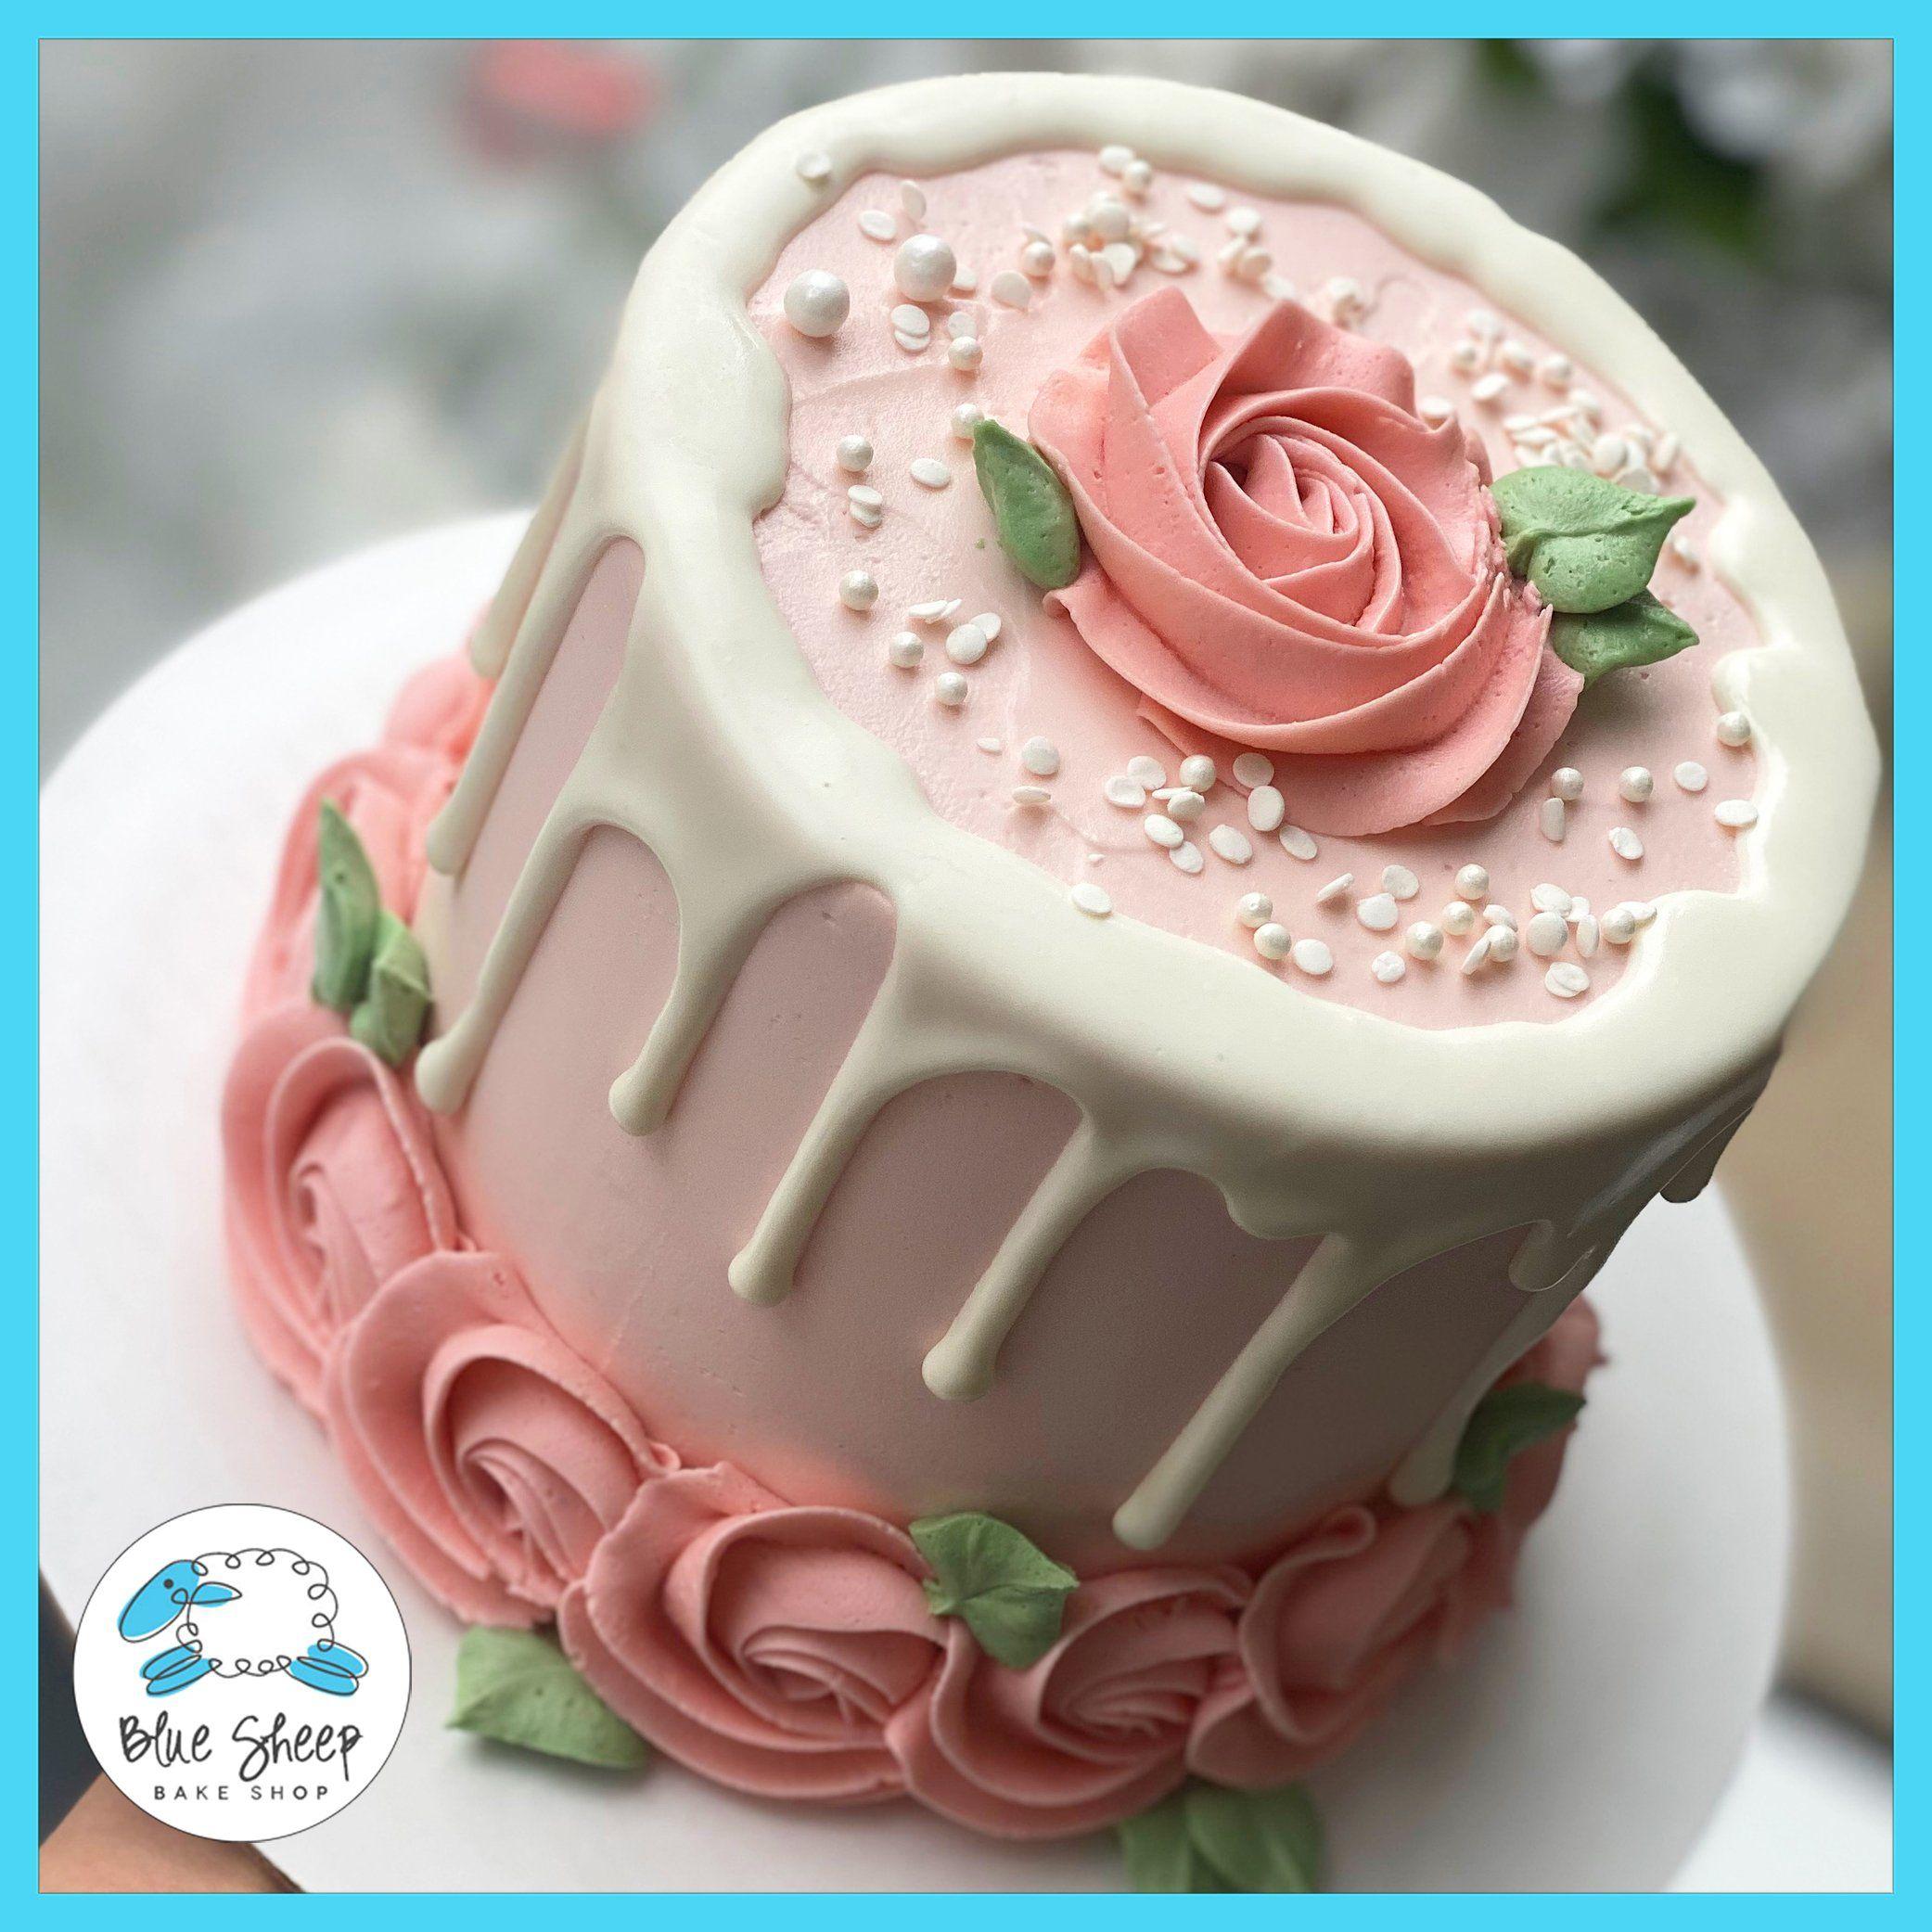 Blush Rose To Go Cake In 2020 Buttercream Cake Designs Cake Decorating Designs Cake Decorating